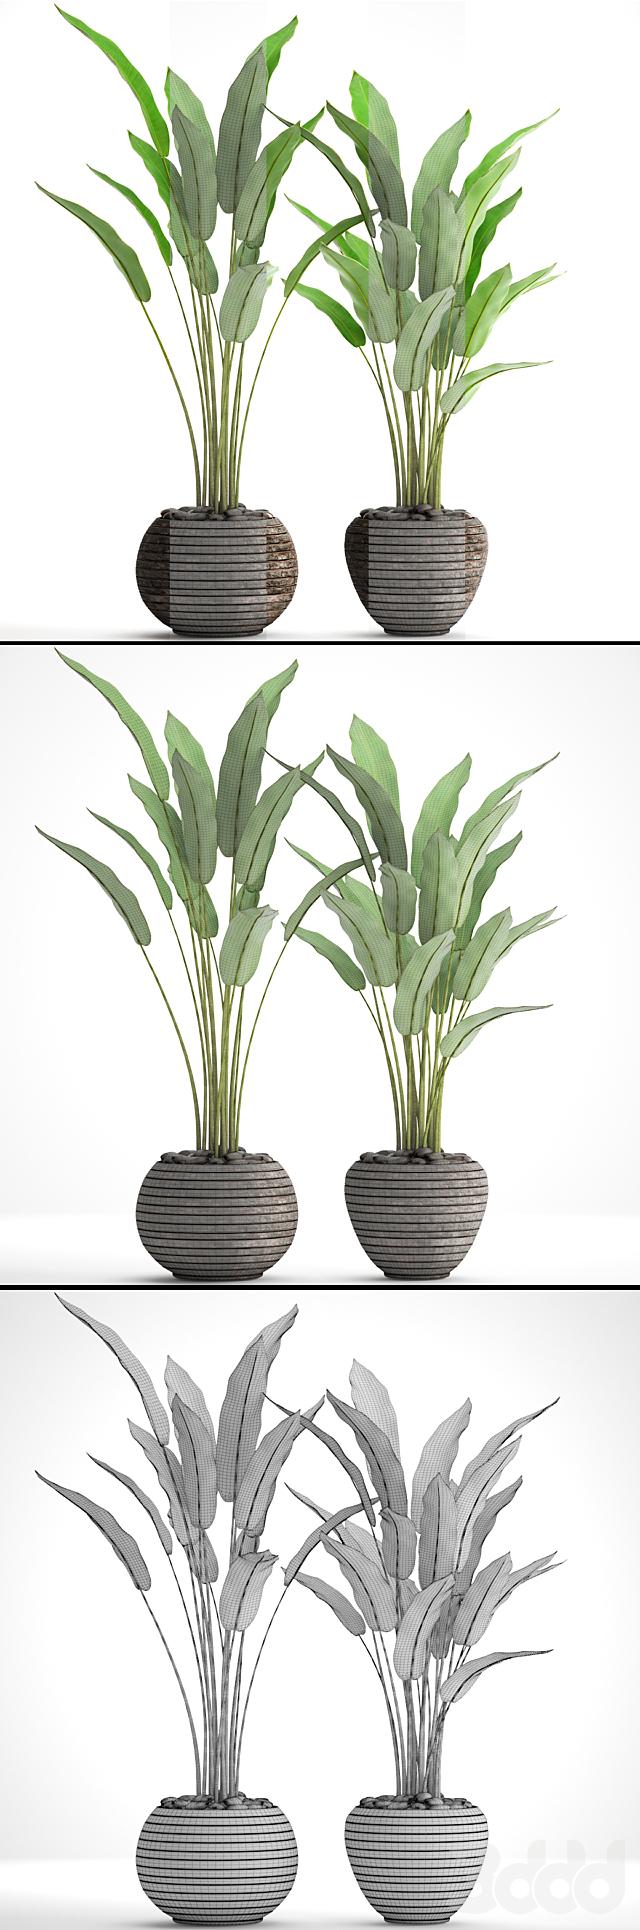 Коллекция растений в горшках 34